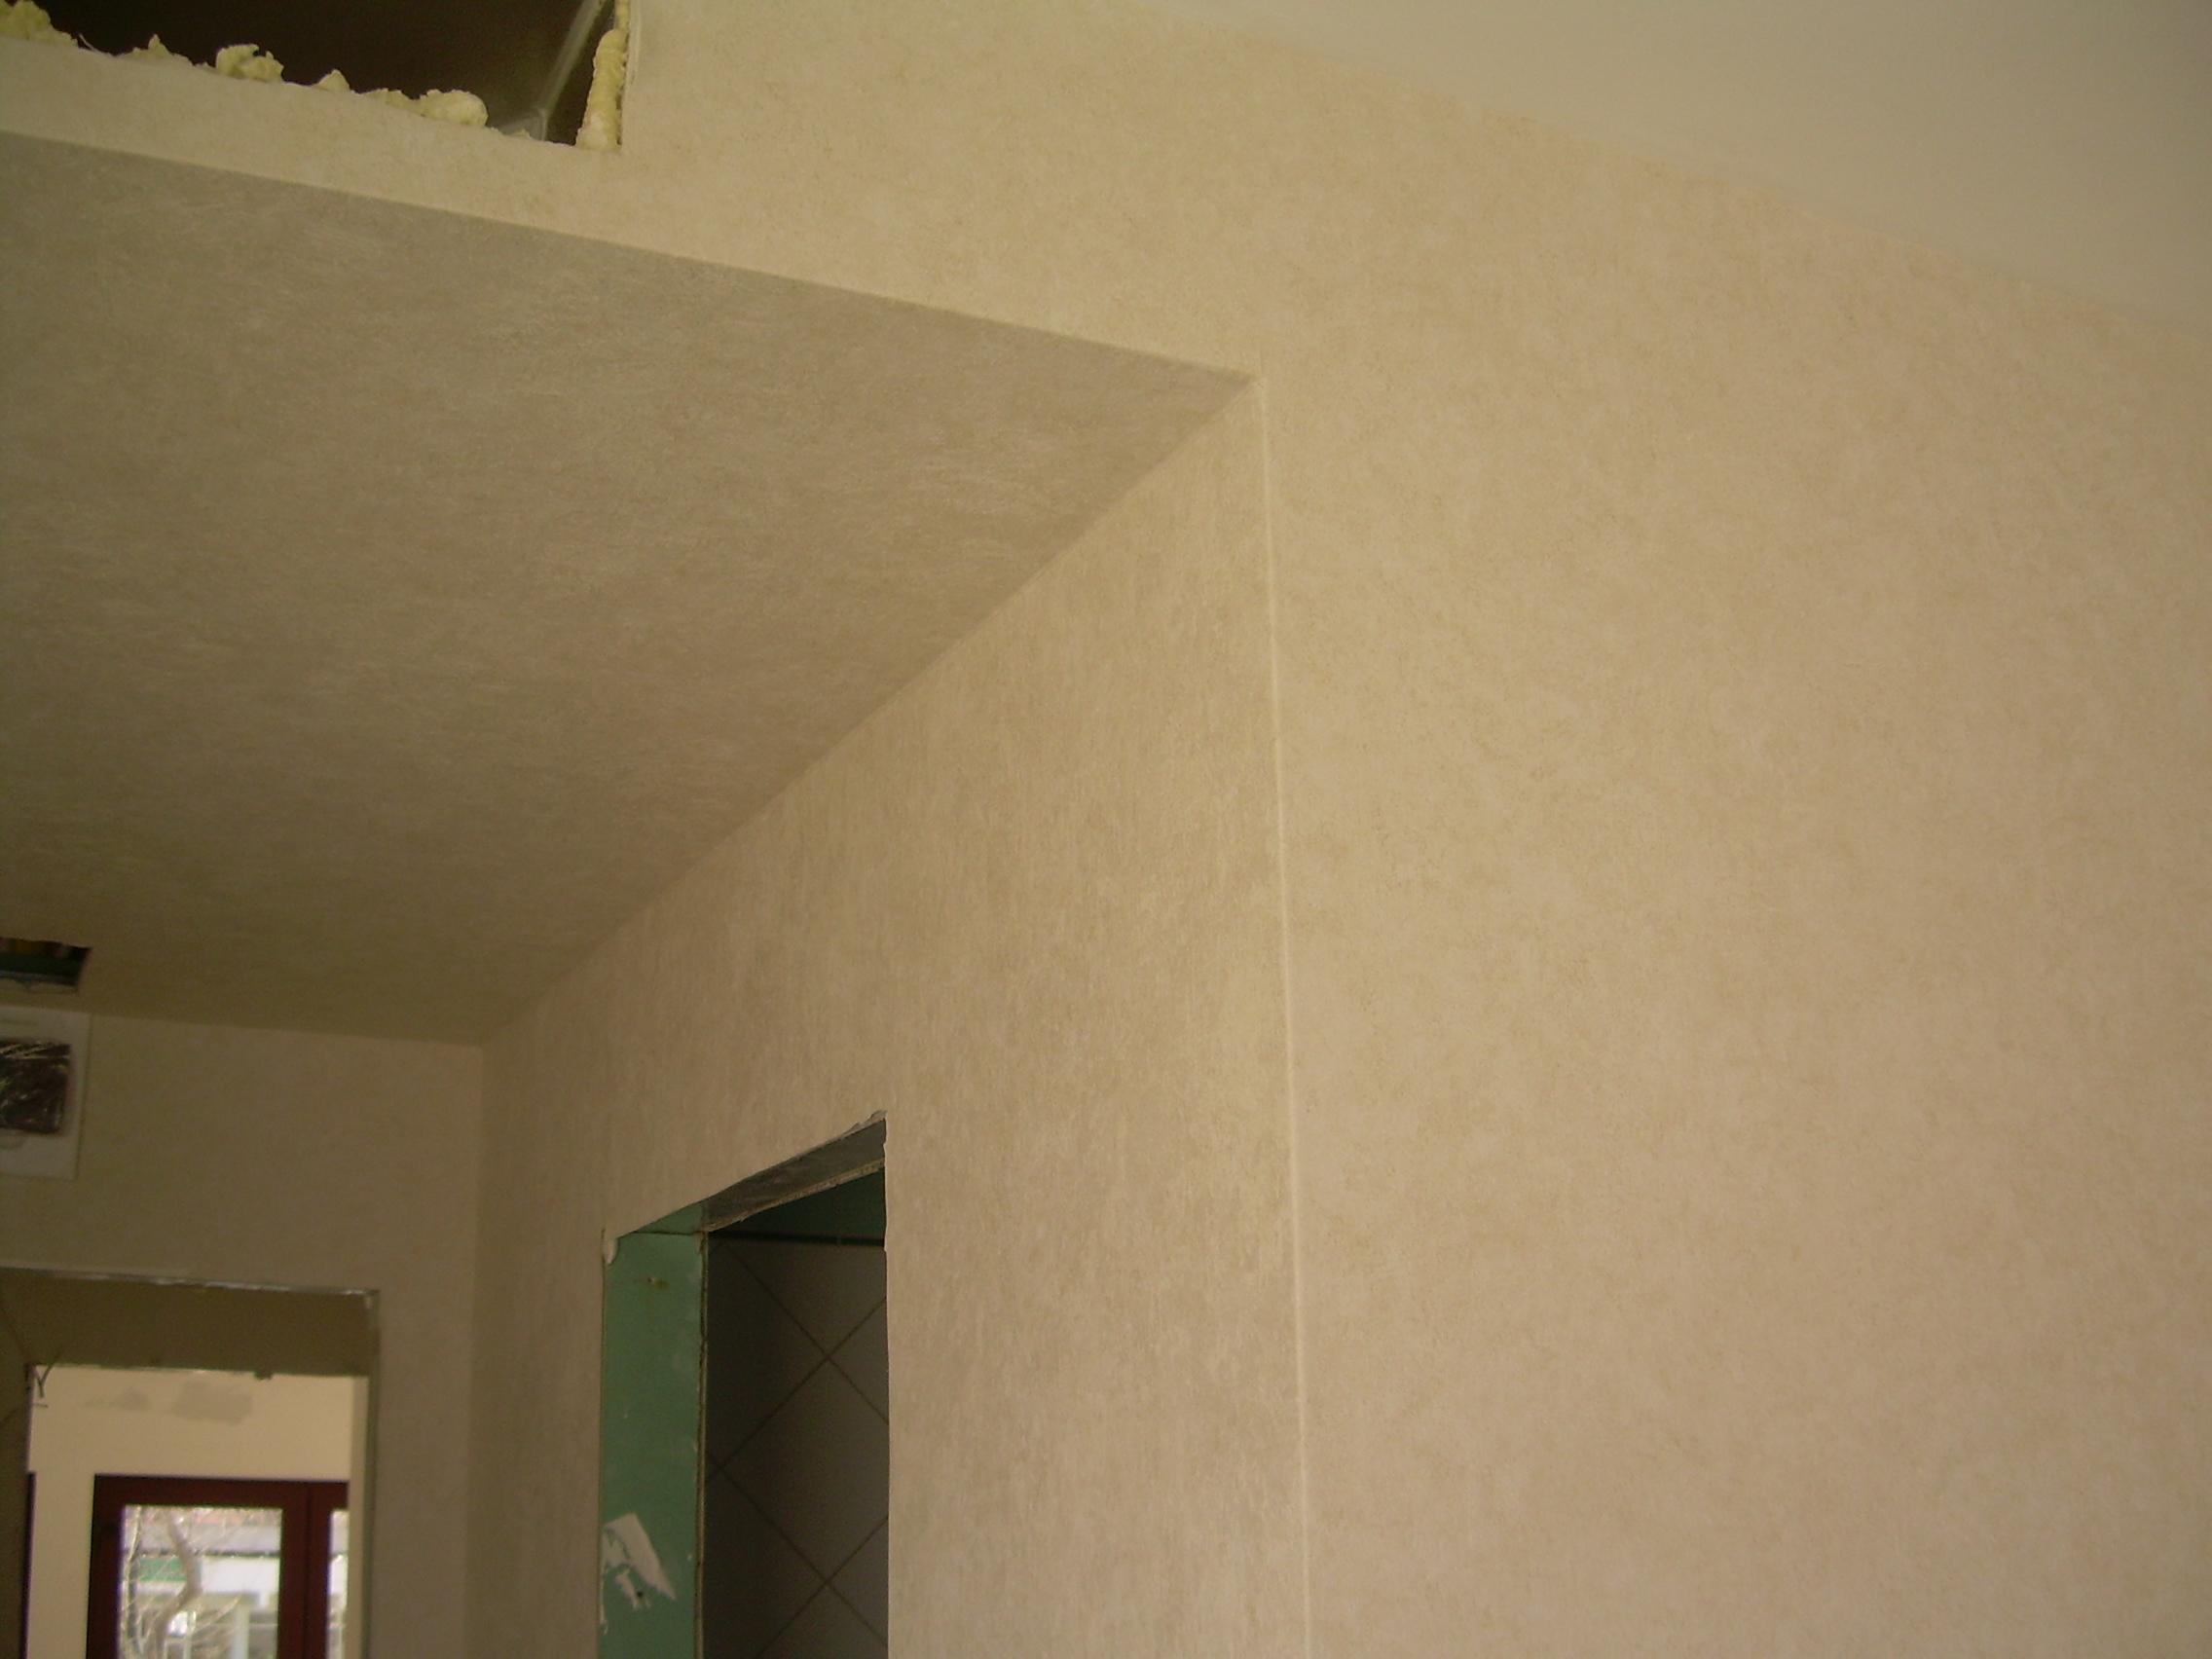 Lucrari de amenajare interioare cu tapet  - Poza 40